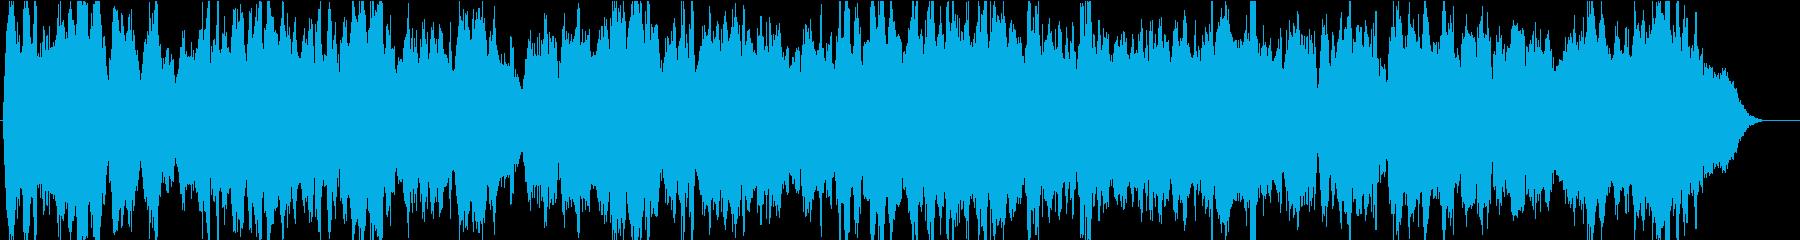 弦楽四重奏の切ないバラードの再生済みの波形